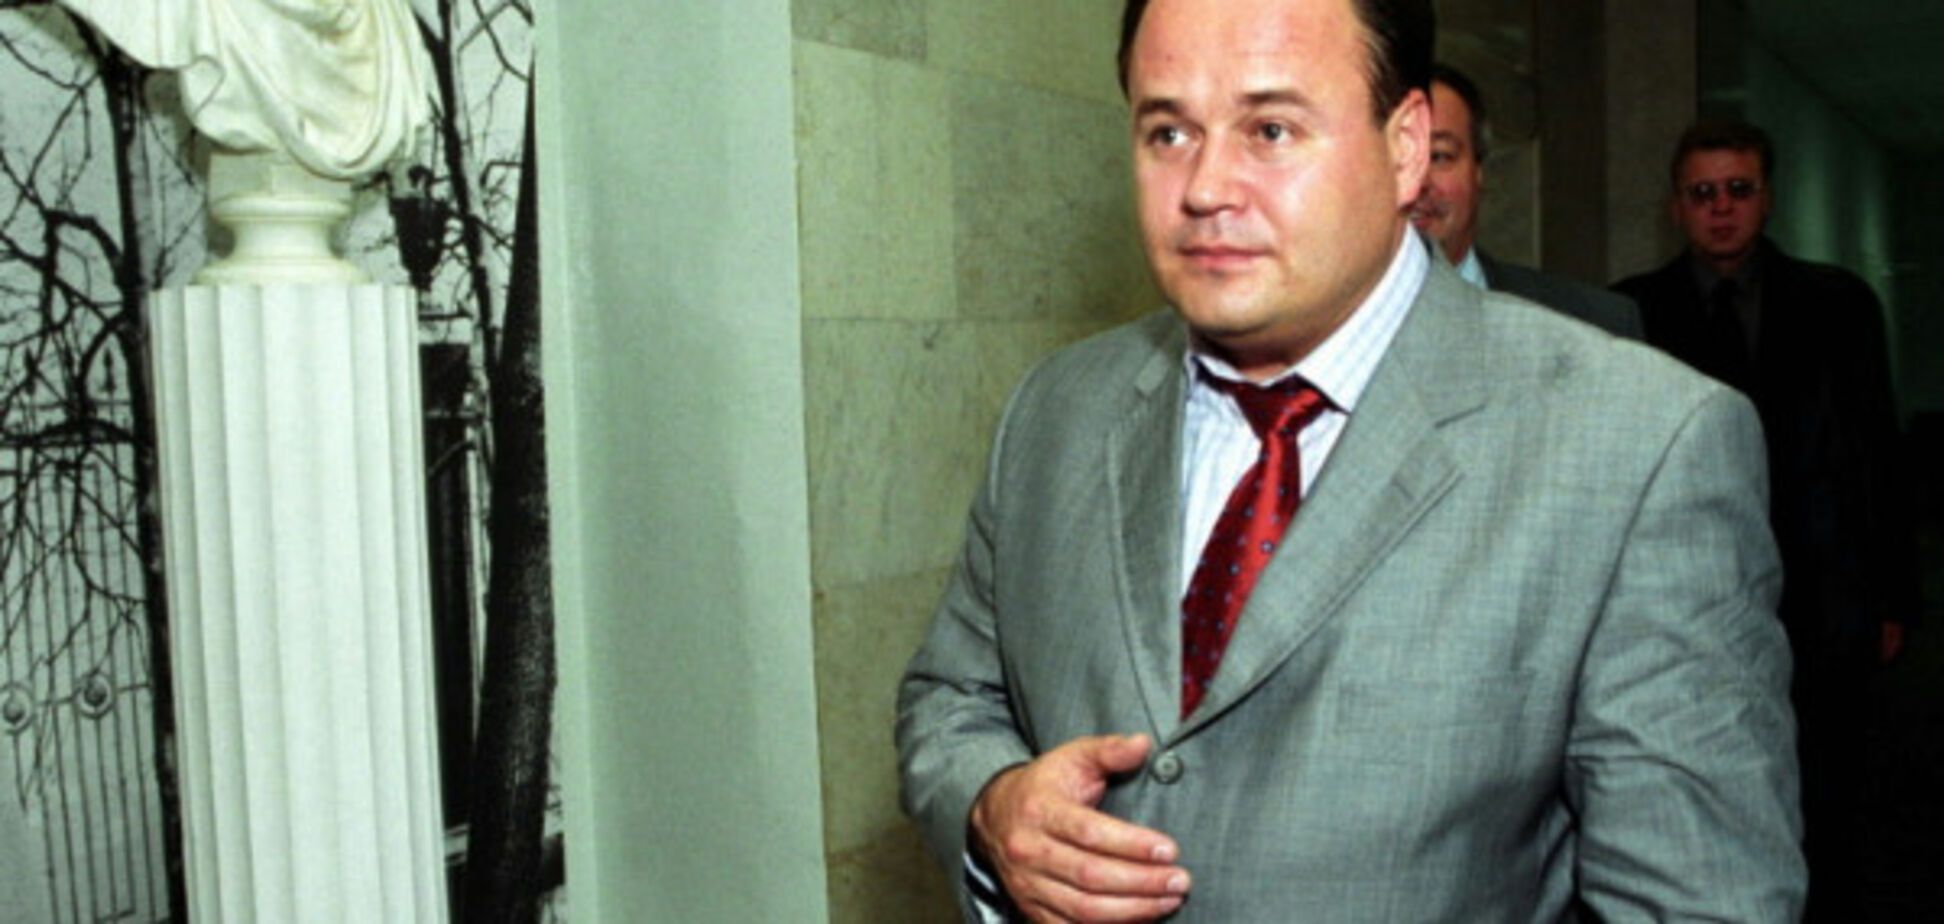 'Цій родині все сходить із рук': брат депутата Ради займеться бізнесом в окупованому Криму